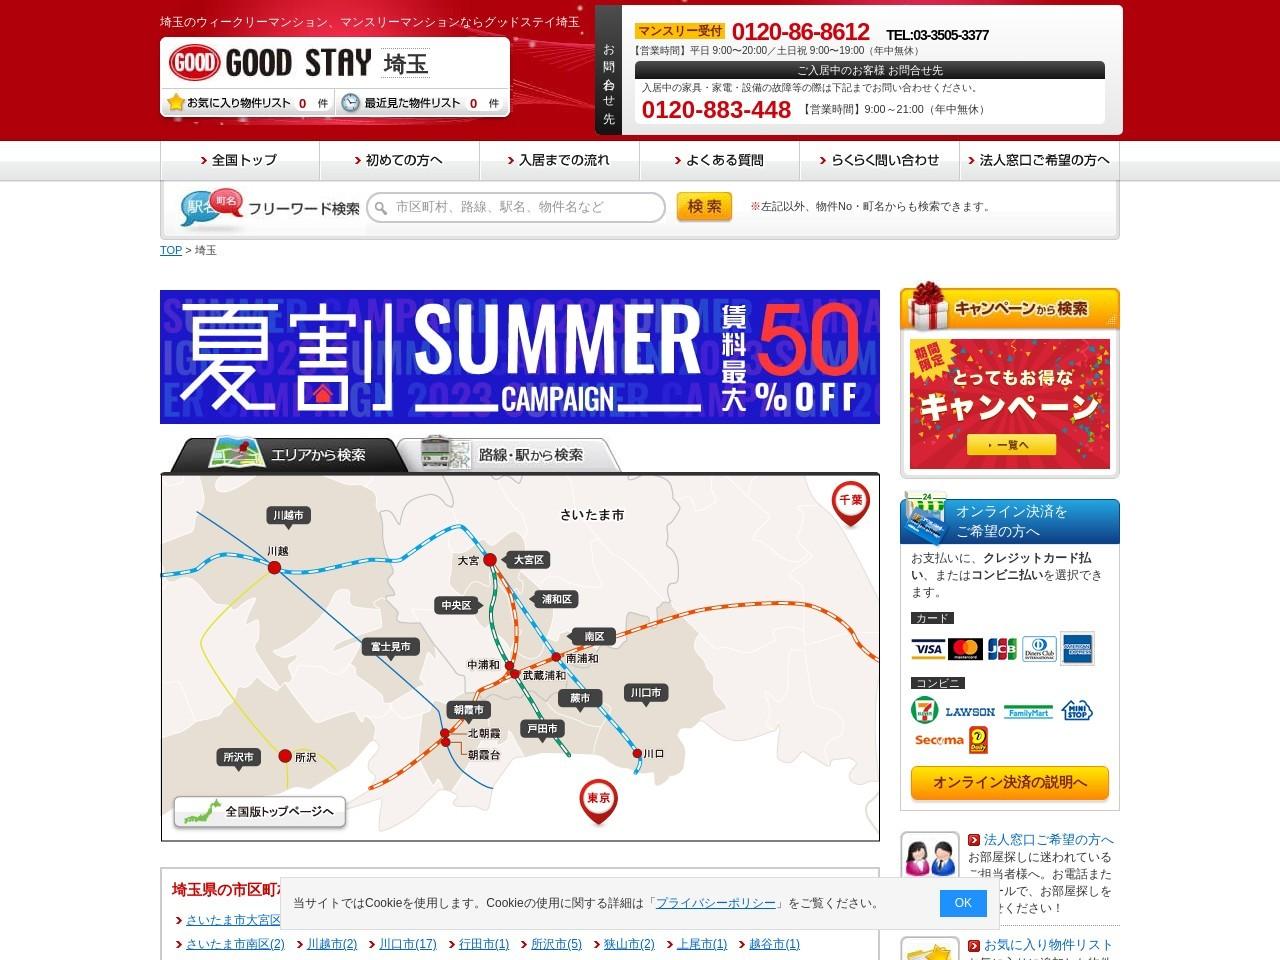 グッド・ステイネット埼玉